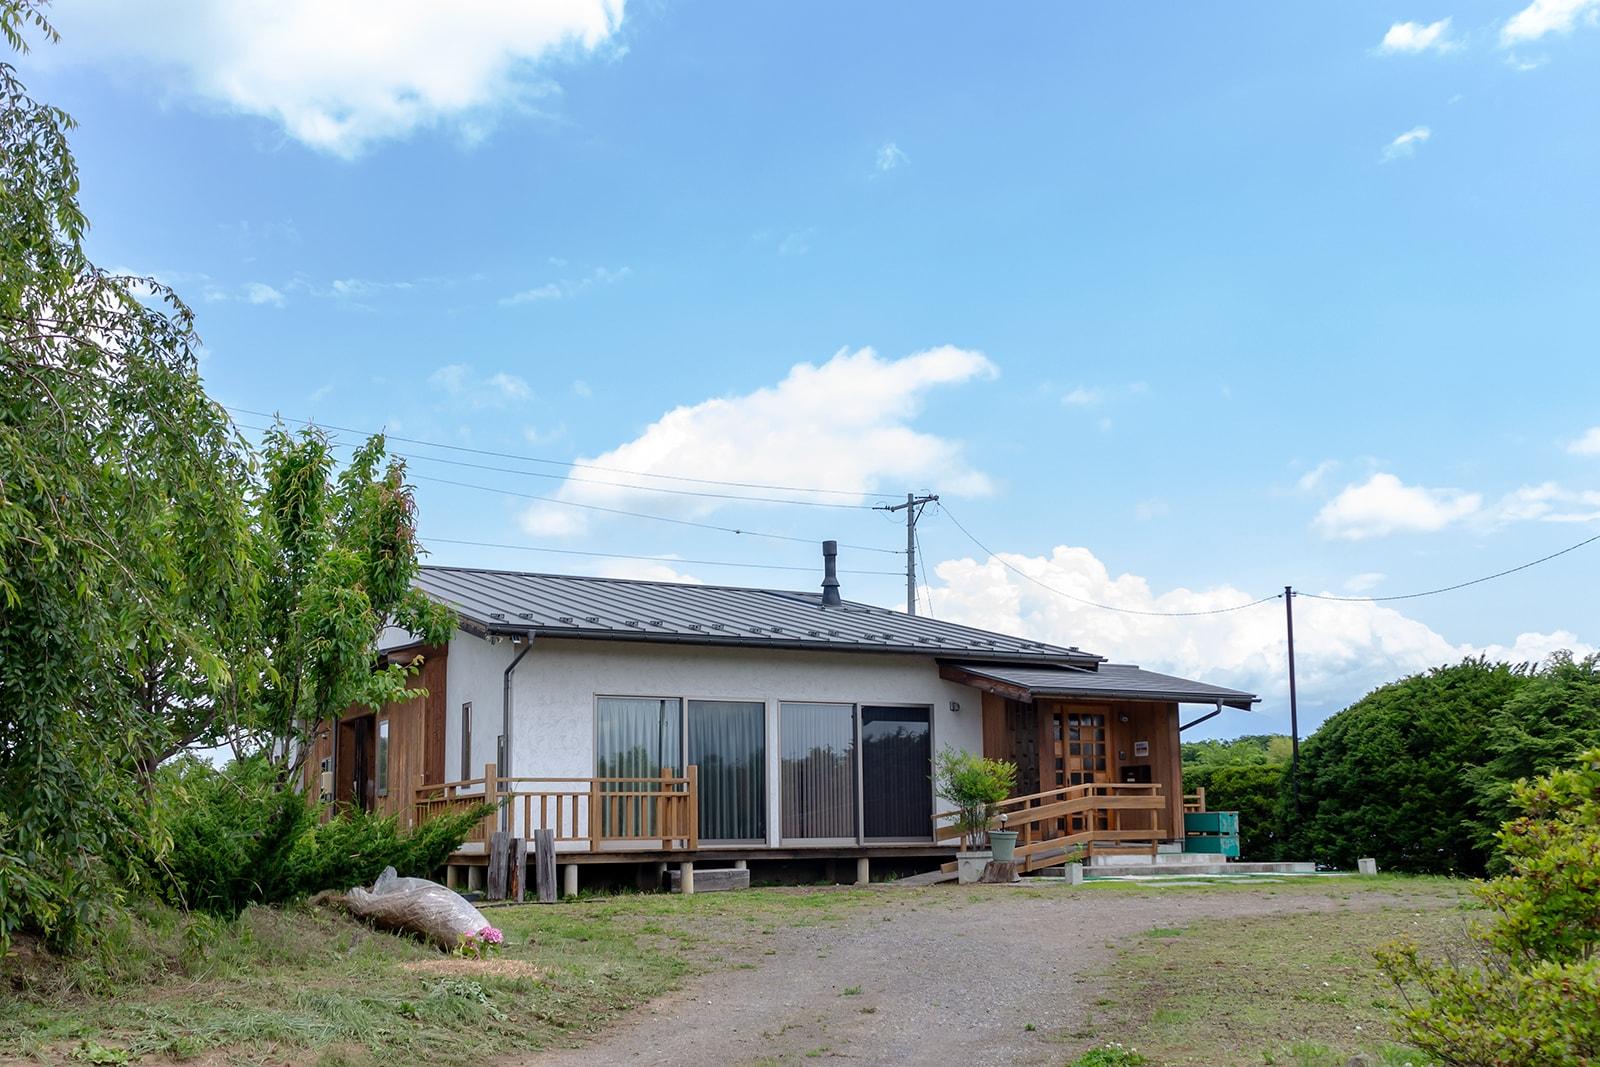 信州たてしなの農村体験ができる宿泊施設:たてしな宿泊農村体験